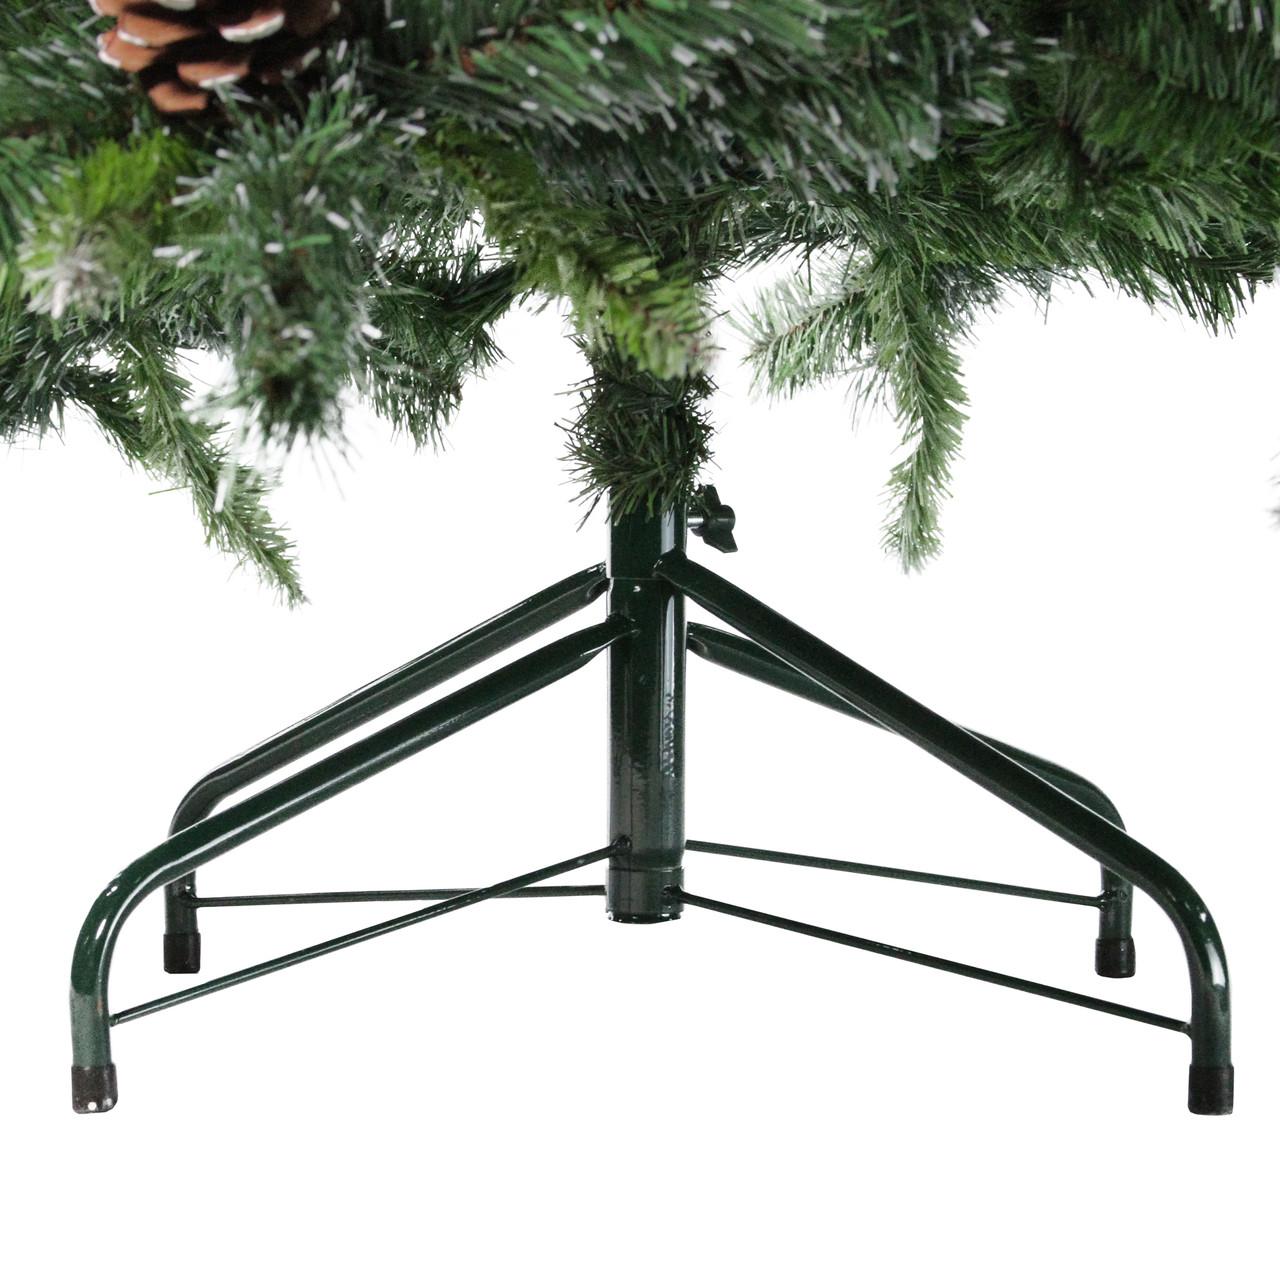 65 snowy delta pine with pine cones artificial christmas tree unlit 32607703 - Christmas Tree With Pine Cones